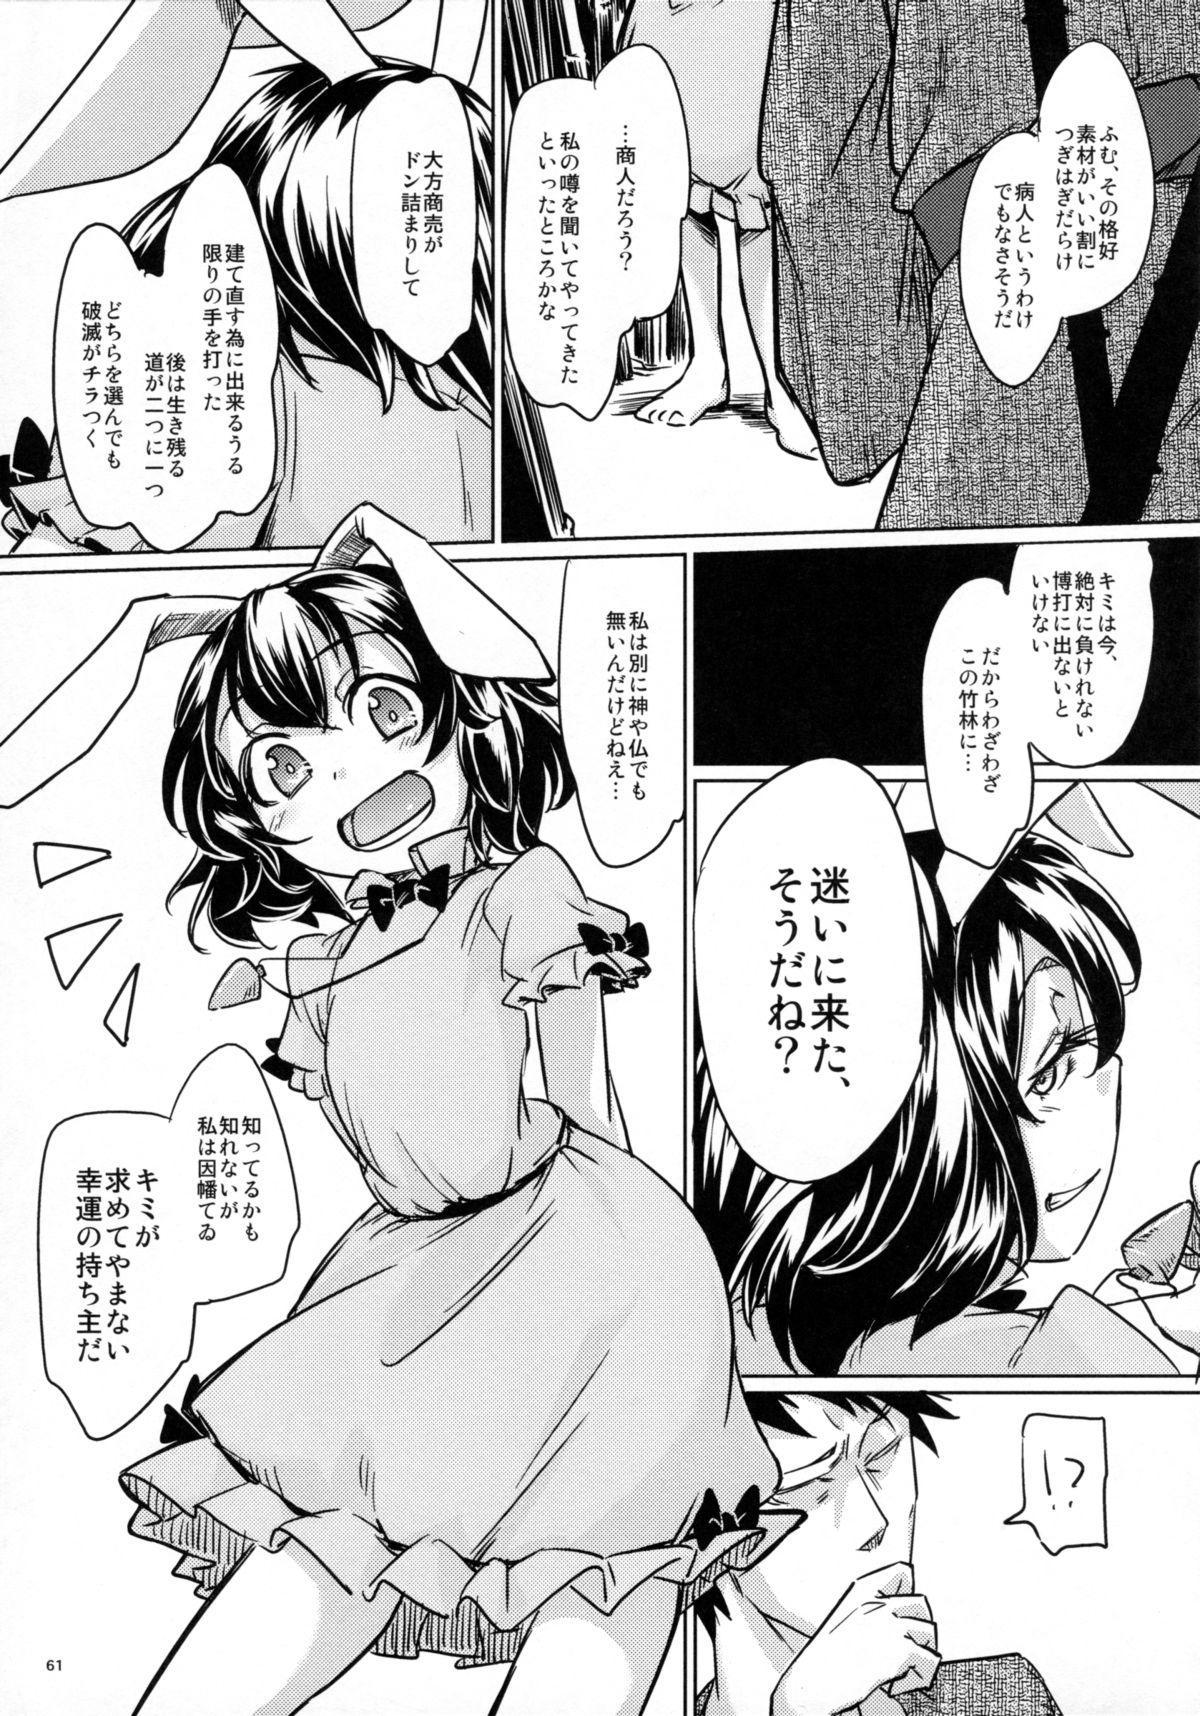 Tanetsuke Onee-san to Yukai na Zenritsusen 61